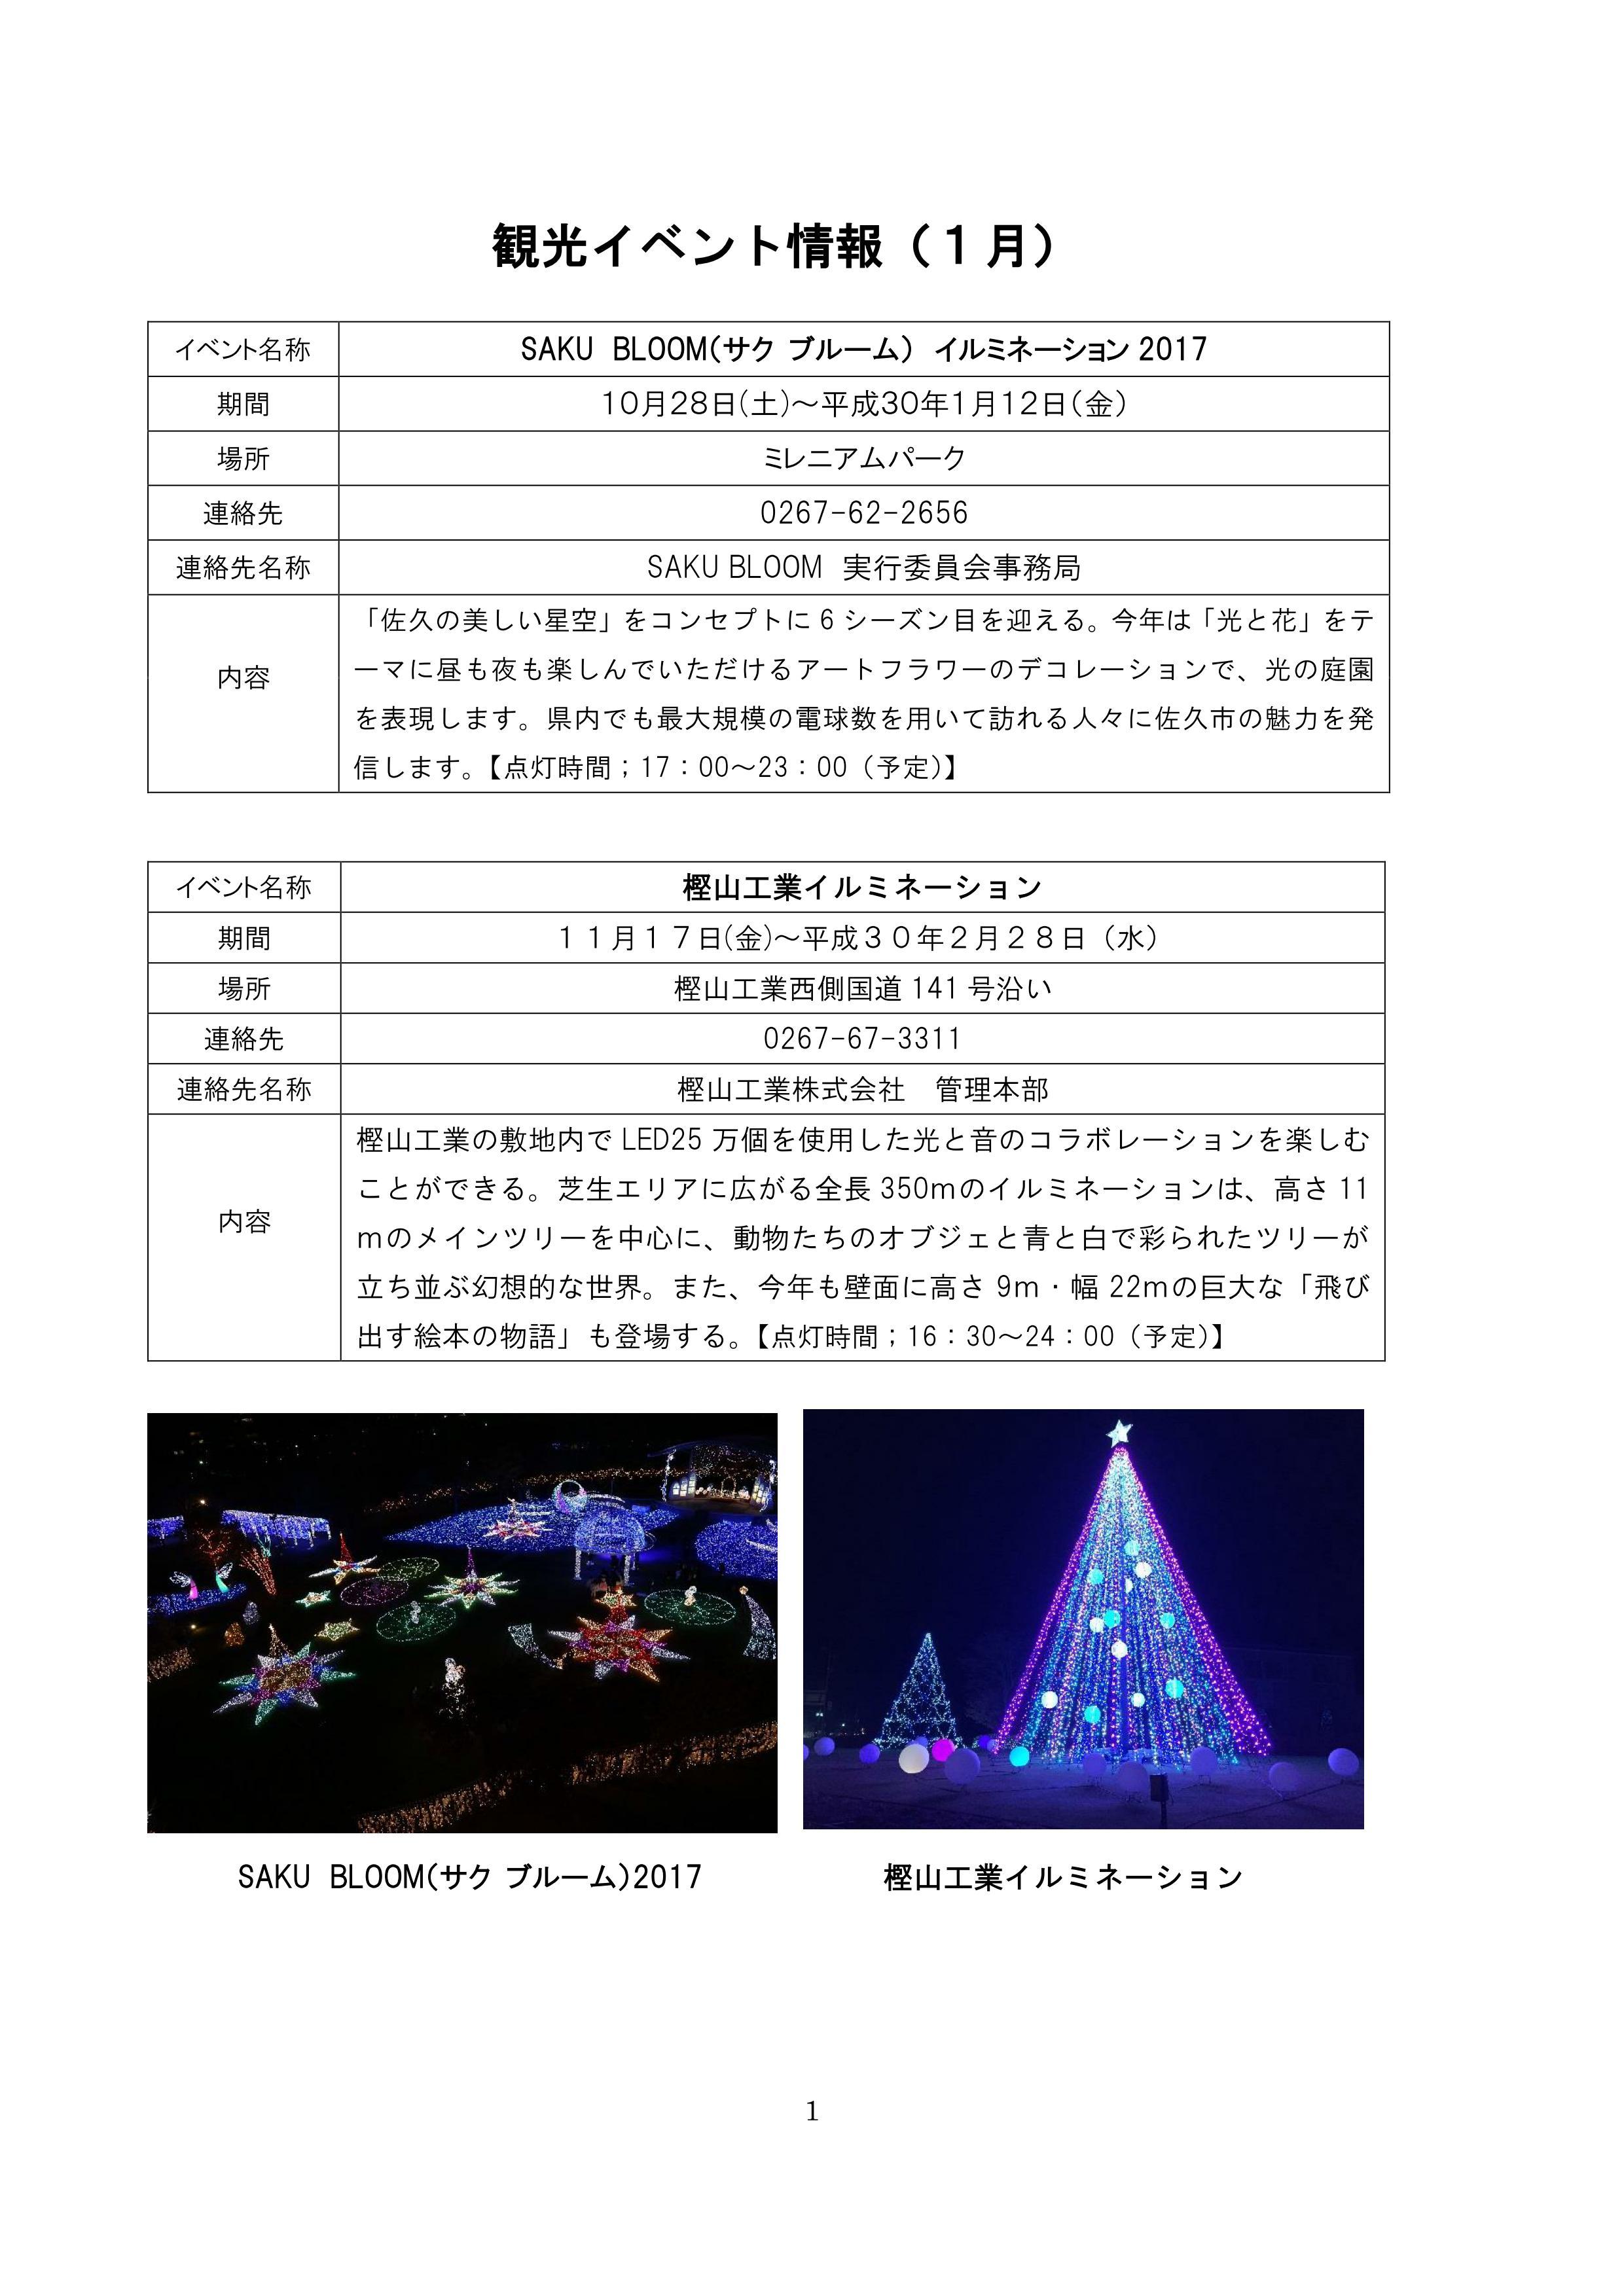 http://www.sakukankou.jp/topics/%E8%A6%B3%E5%85%89%E3%82%A4%E3%83%99%E3%83%B3%E3%83%88%E6%83%85%E5%A0%B1%EF%BC%881%E6%9C%88%EF%BC%89_01.jpg